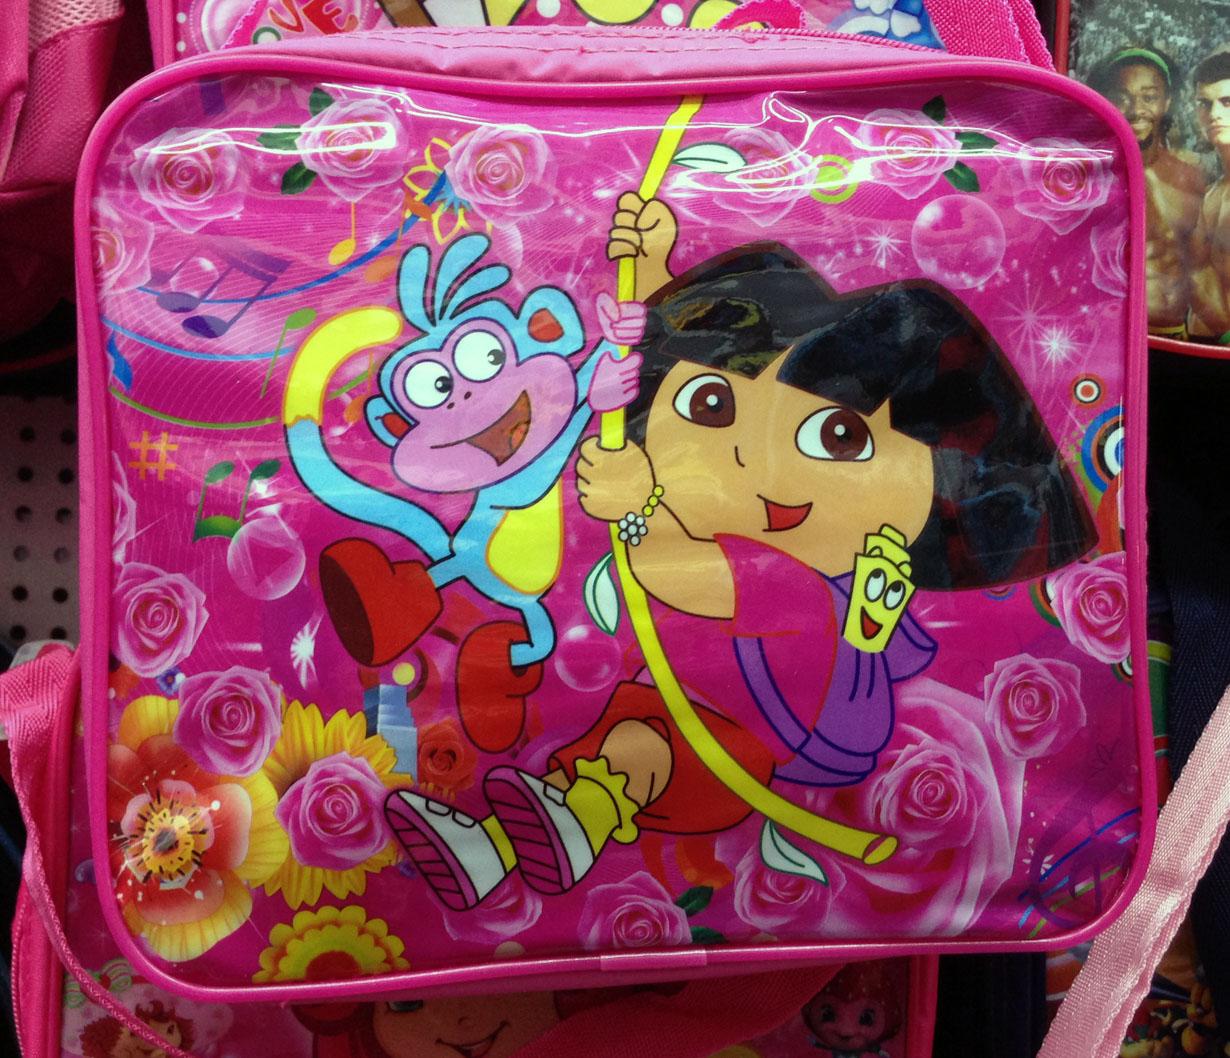 Child book dora meal package shoulder bag messenger bag shoulder bag casual bag cartoon dora 24 20cm(China (Mainland))